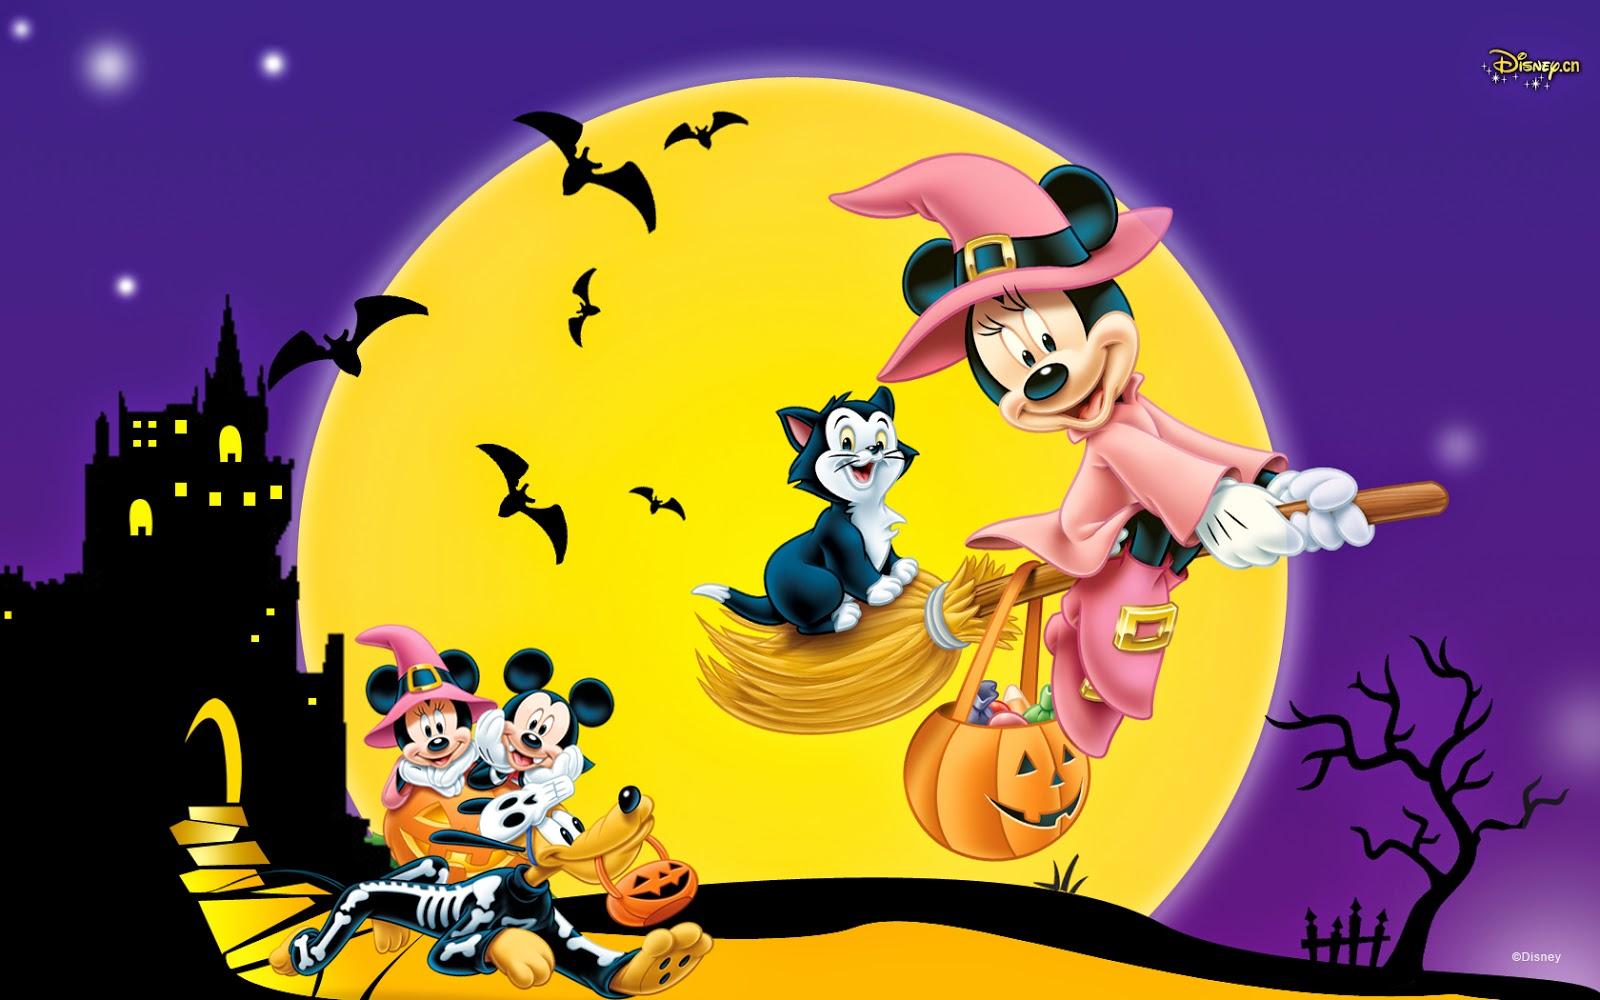 Novedades disney pel culas disney para halloween - Disney halloween images ...